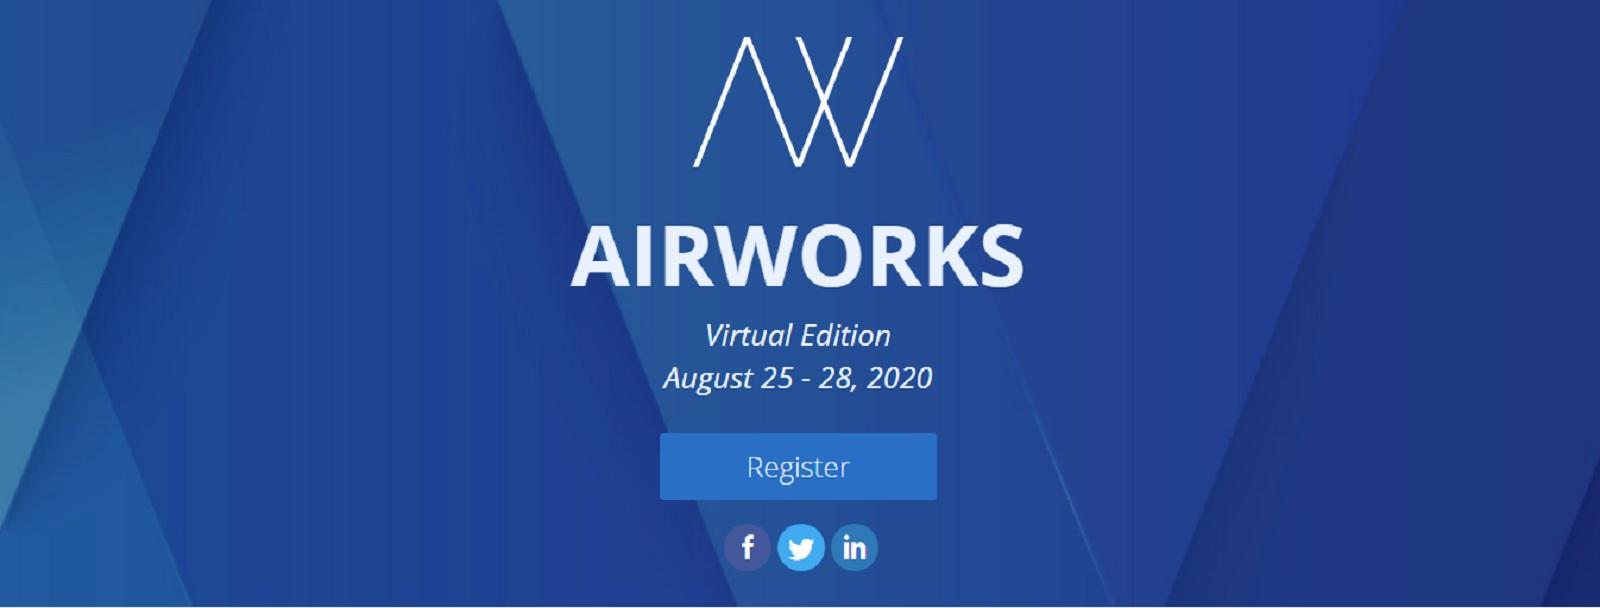 Сегодня начинается DJI Airworks 2020 – в виртуальном формате